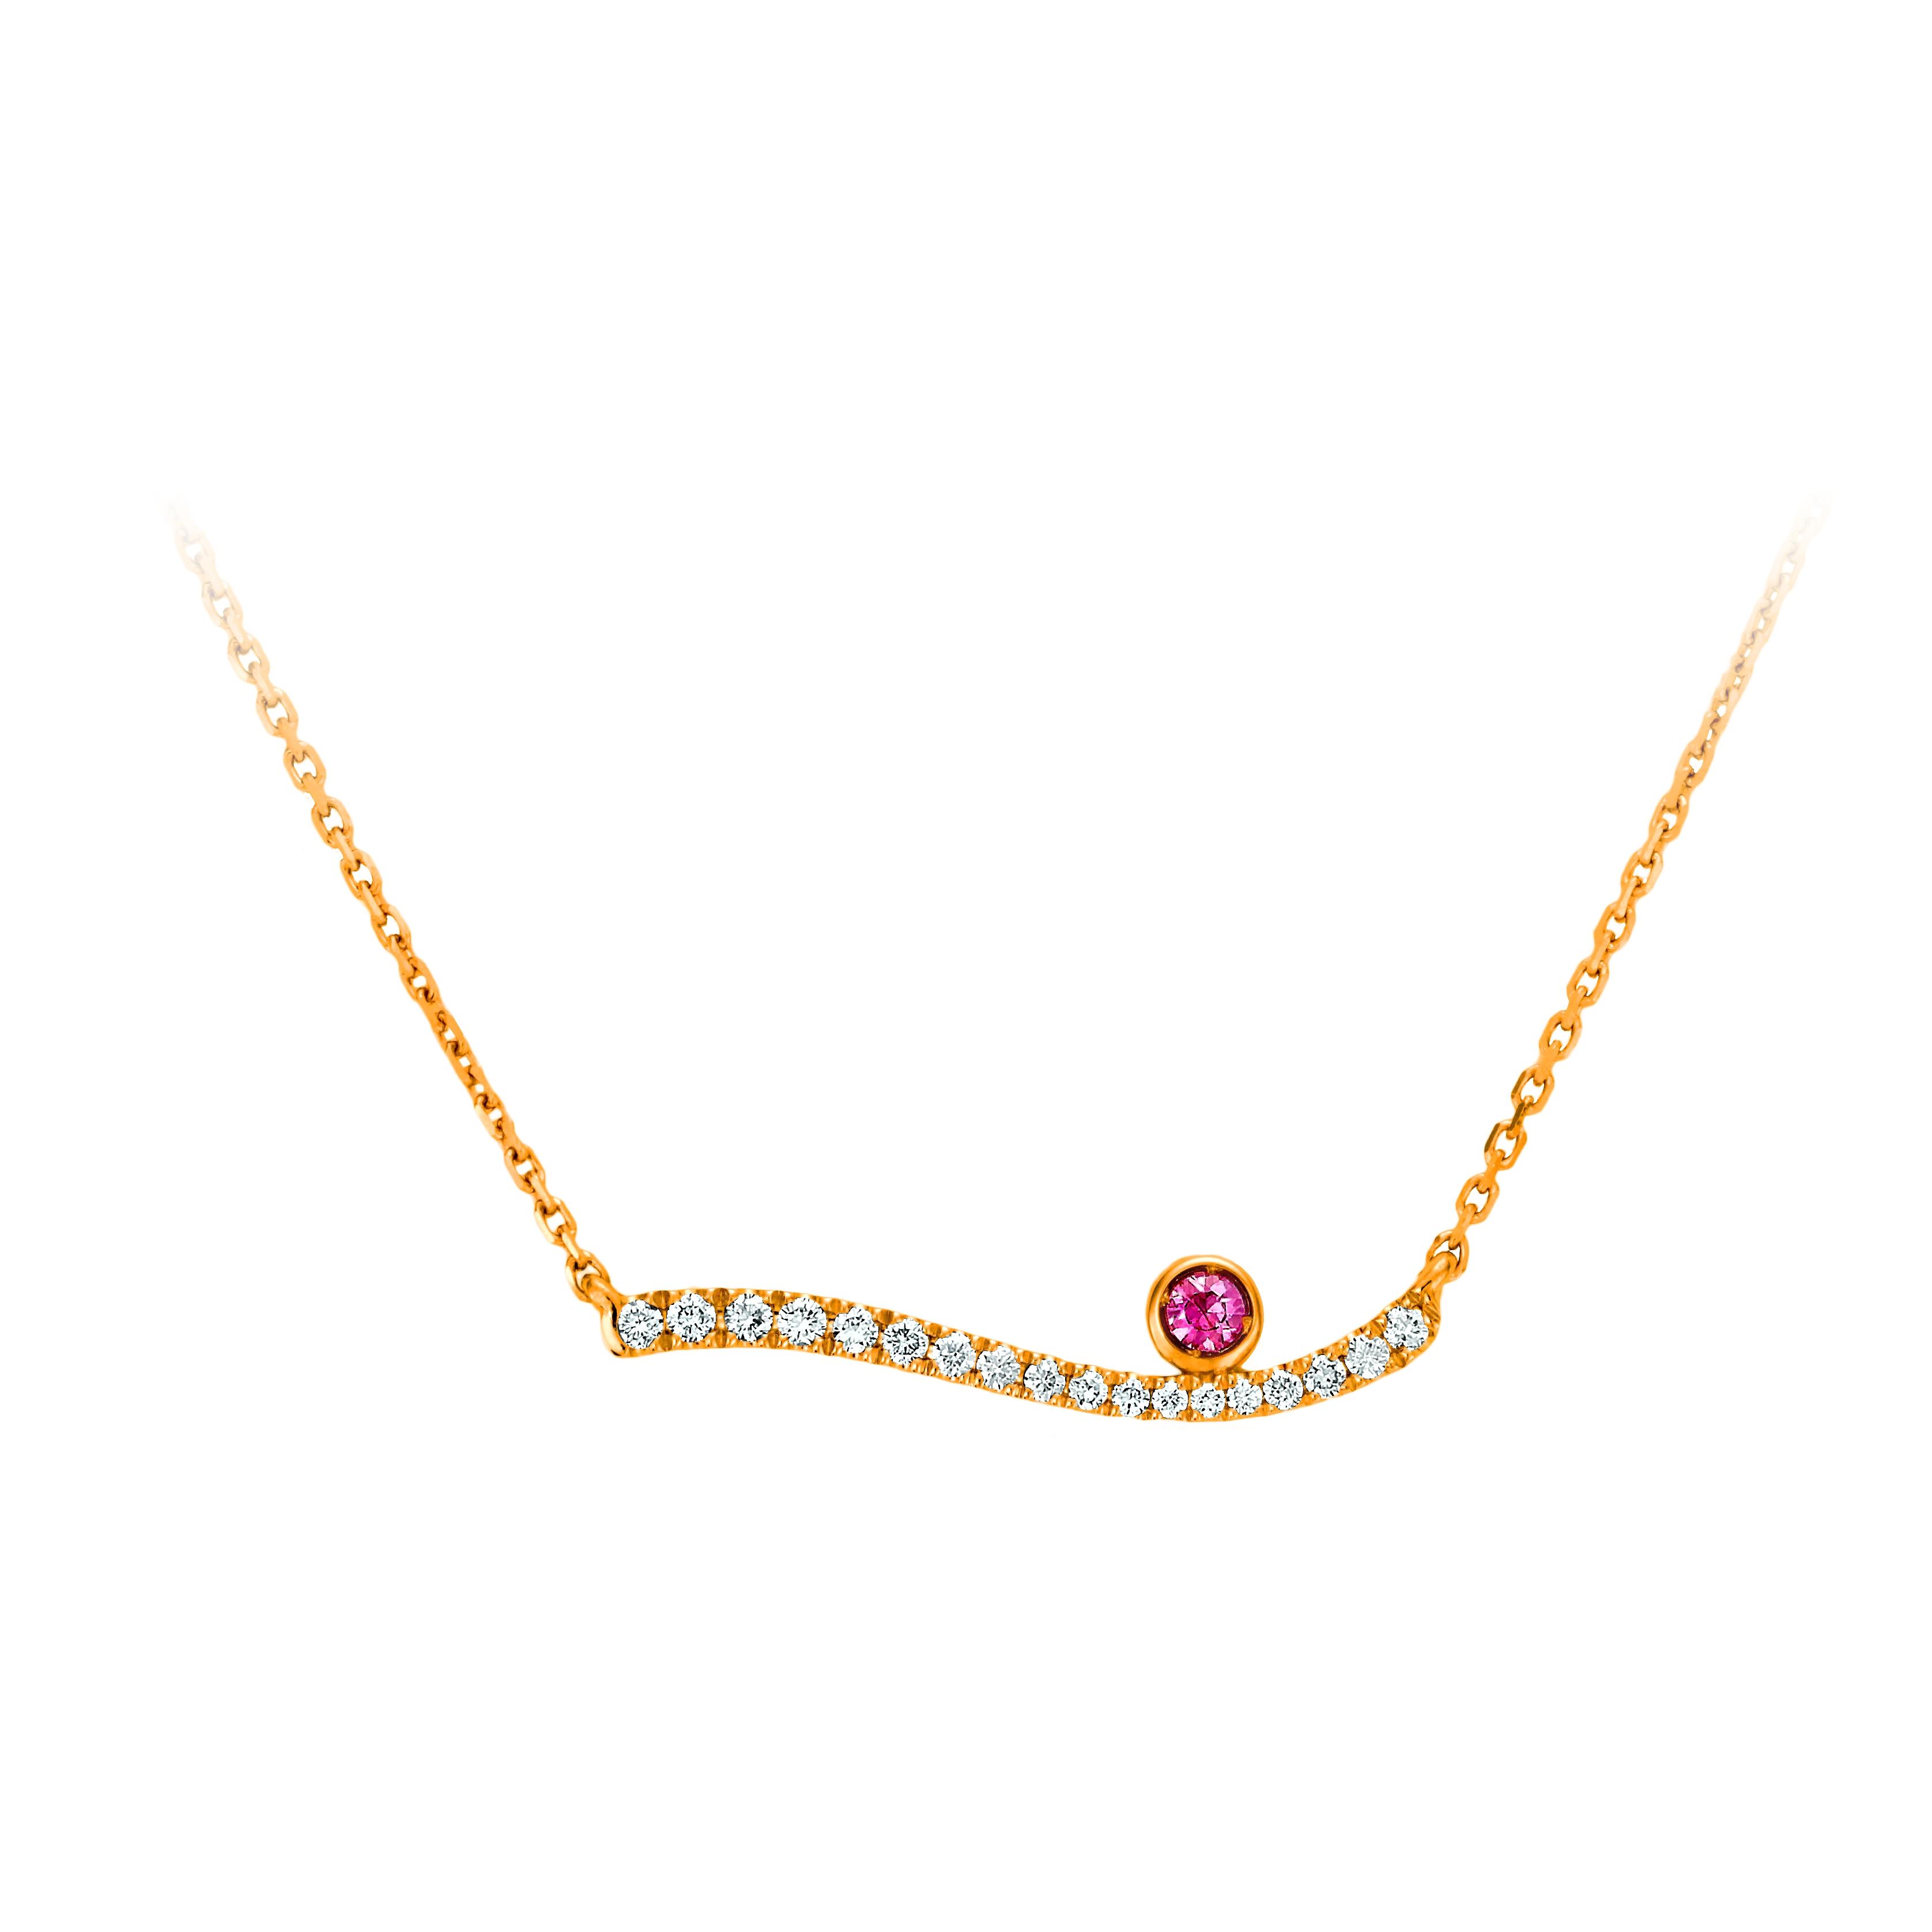 鑽石粉色剛玉項鍊